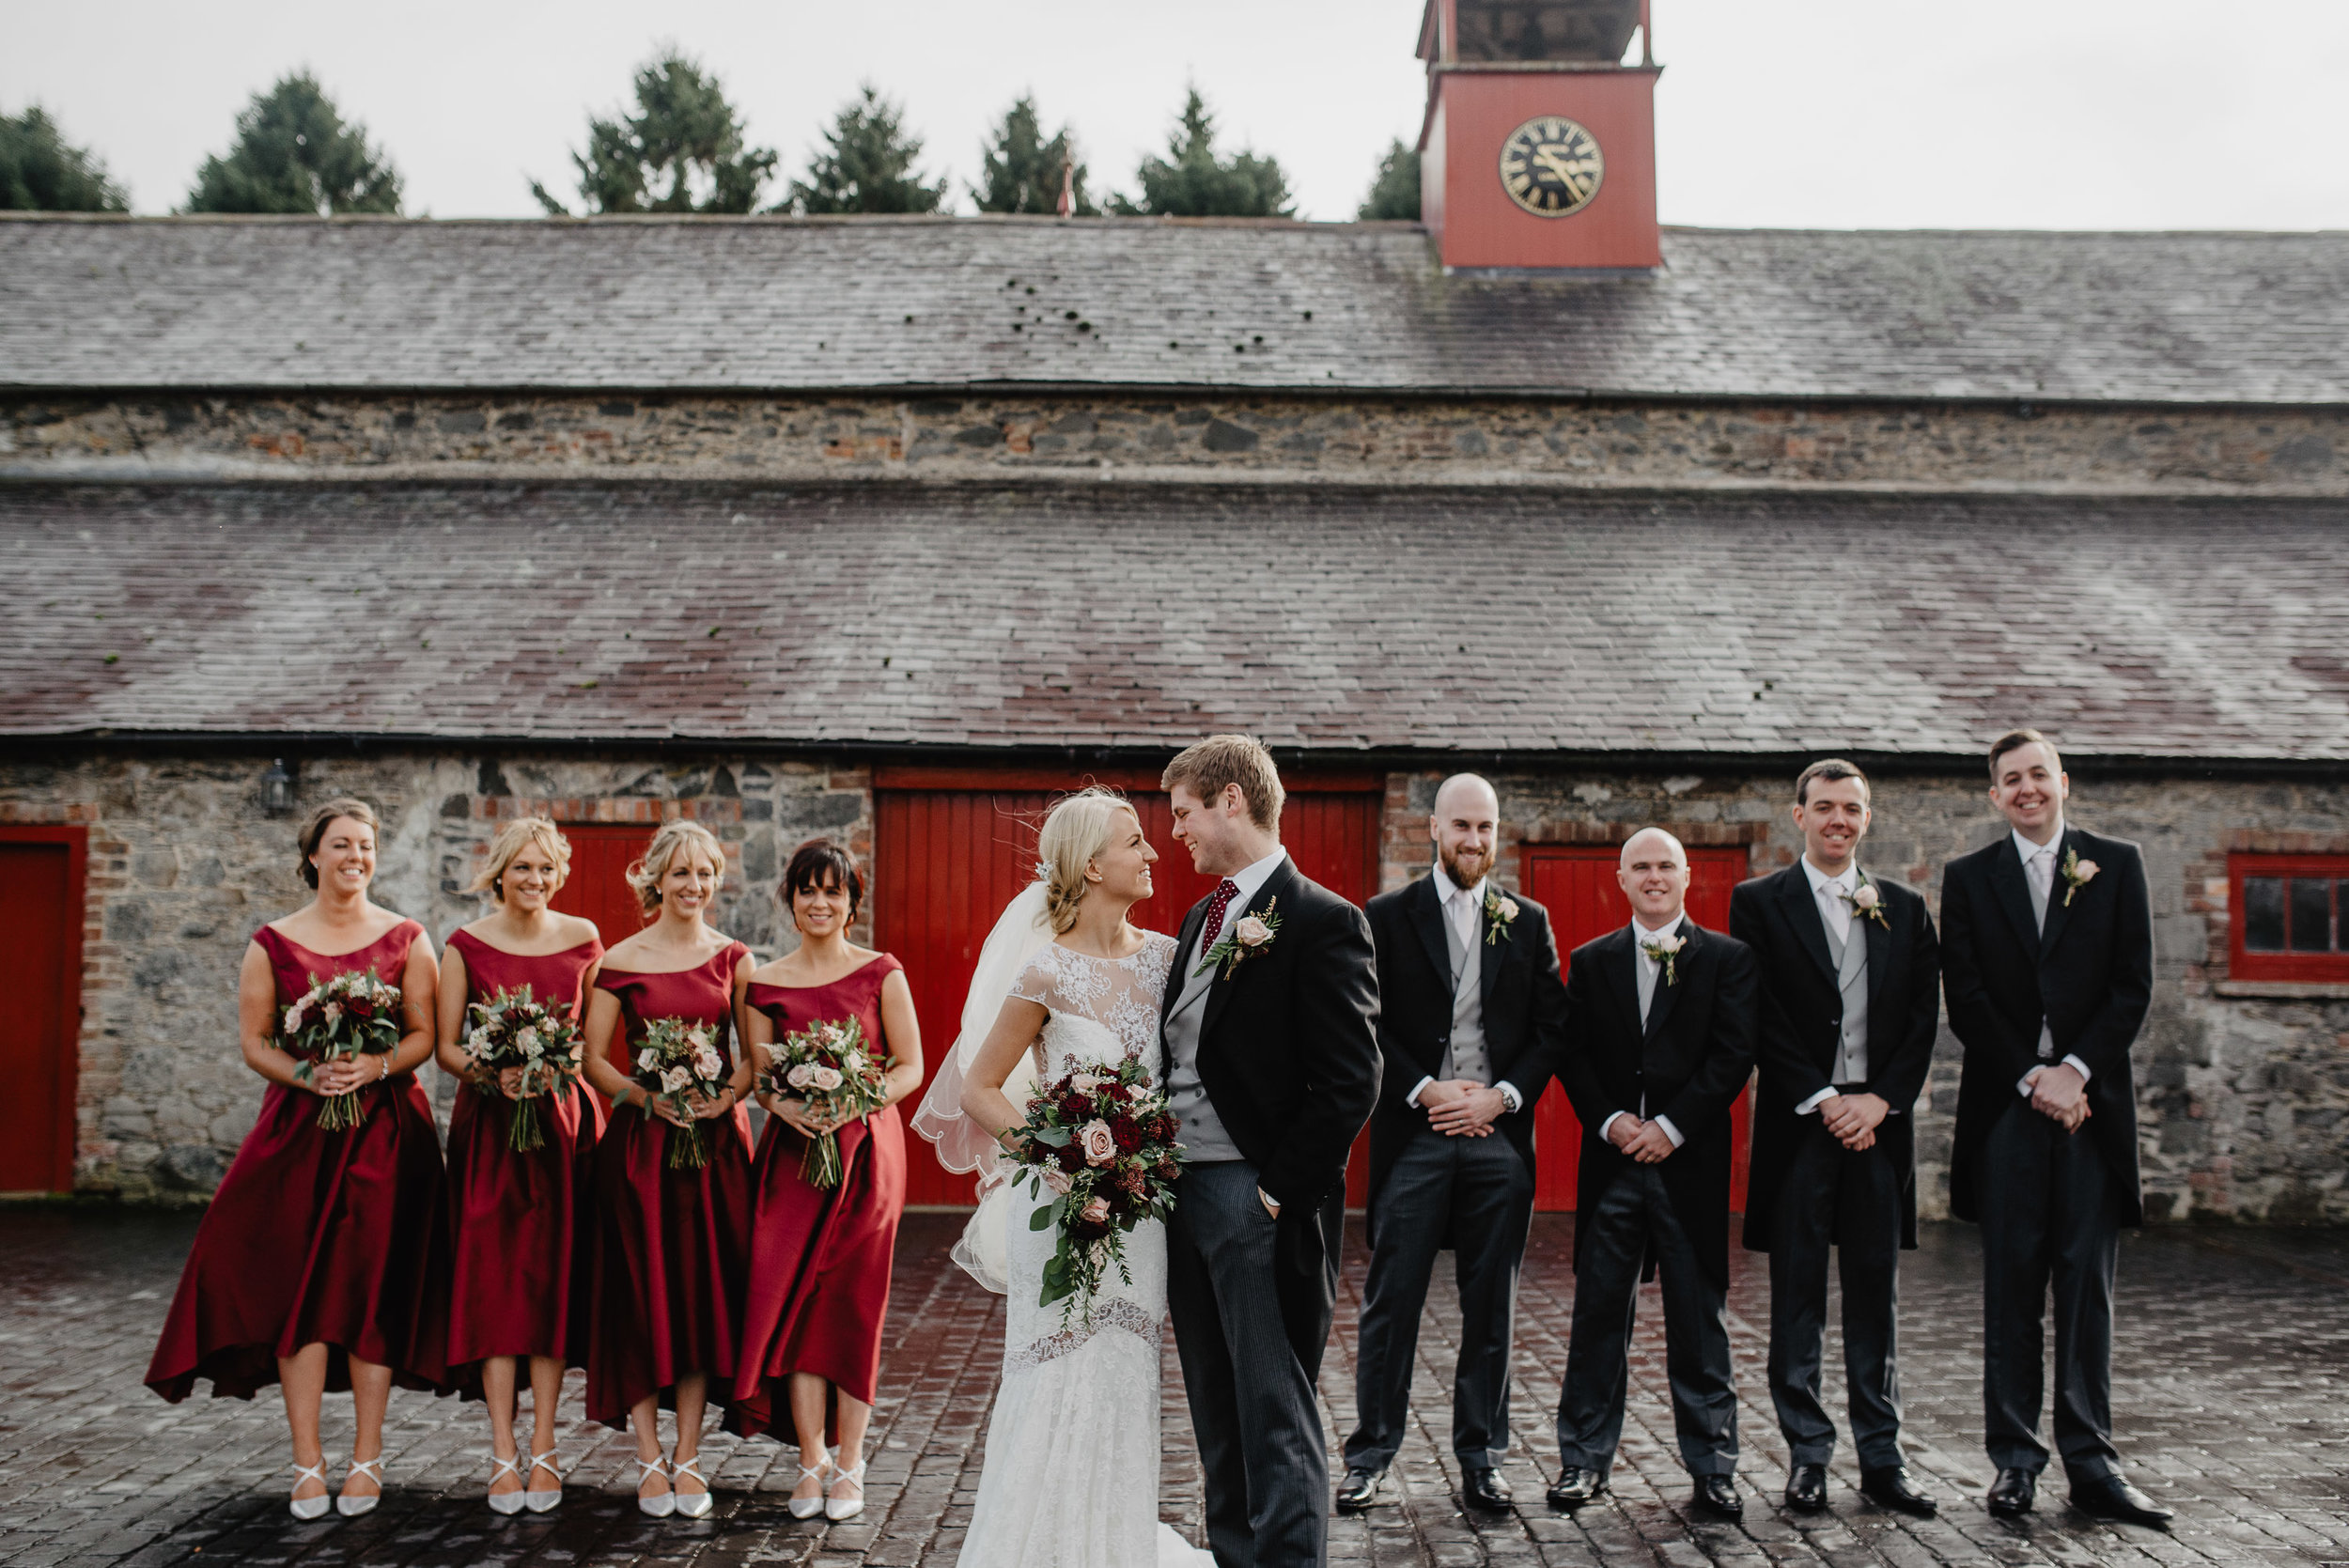 larchfield estate wedding photos-111.jpg